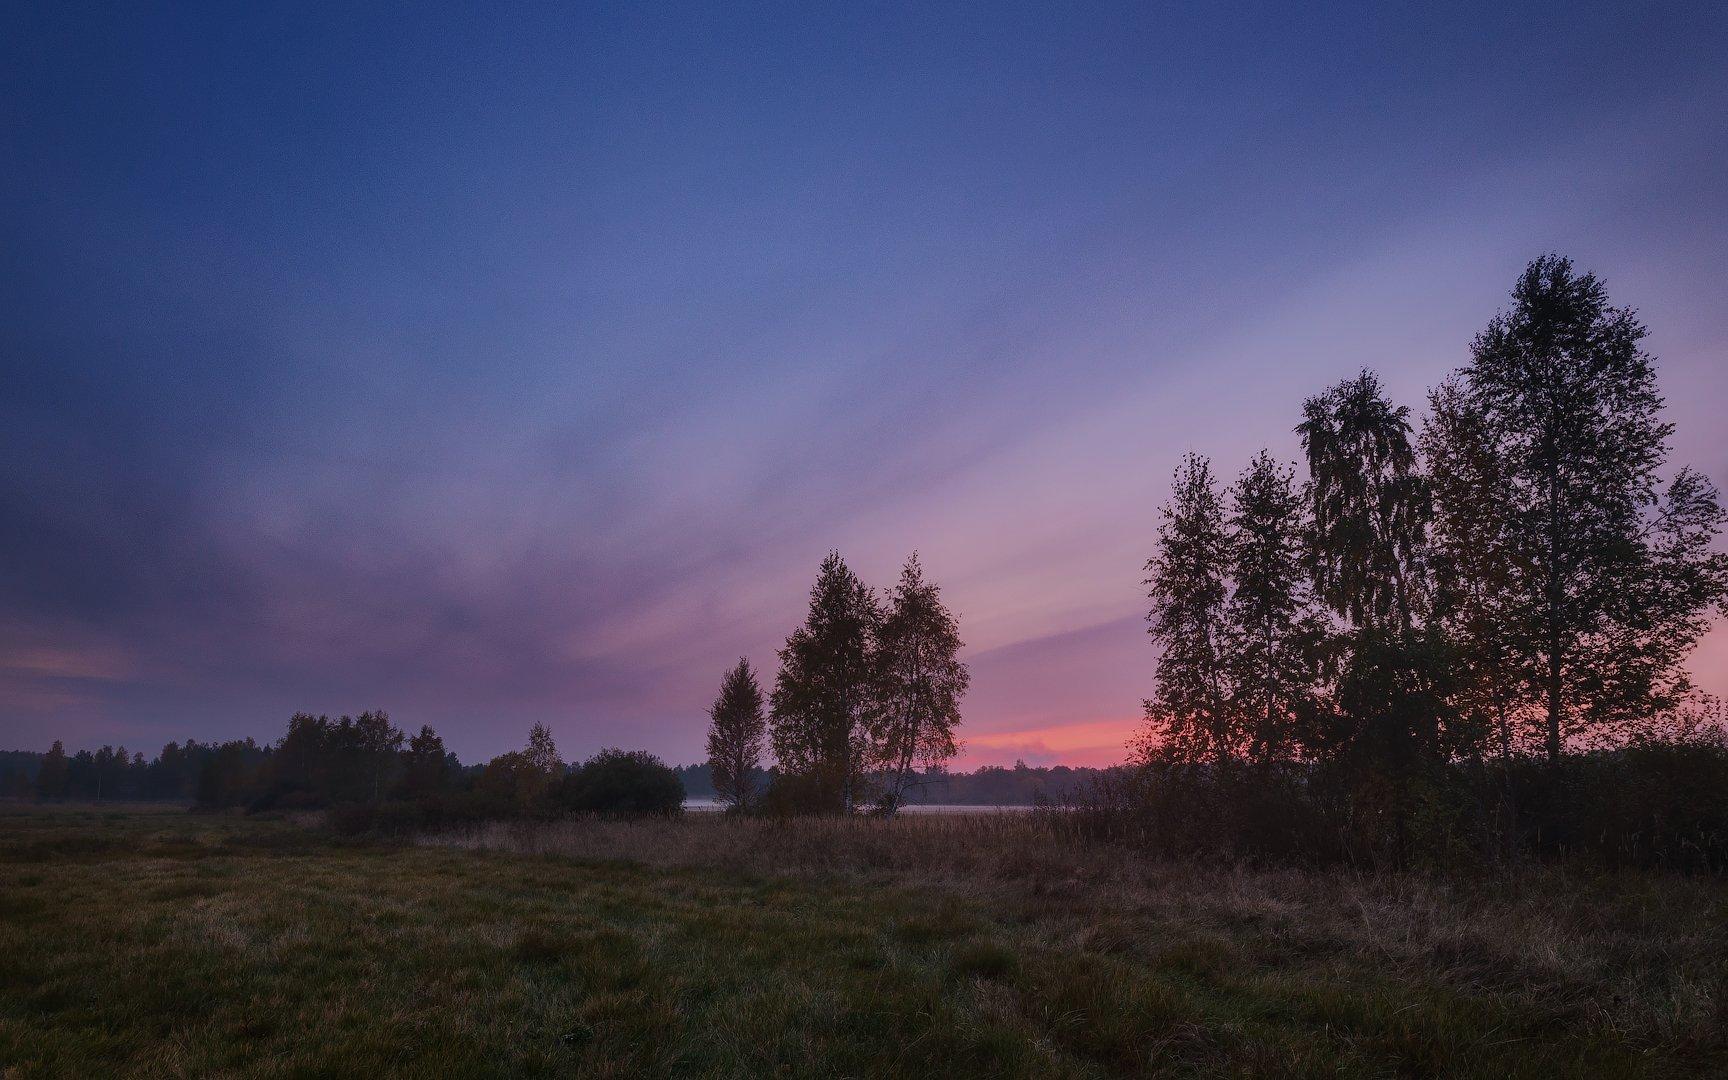 россия, подмосковье, осень, вечер, закат, небо, облака, свет, поле, деревья, трава, Иван Мухин